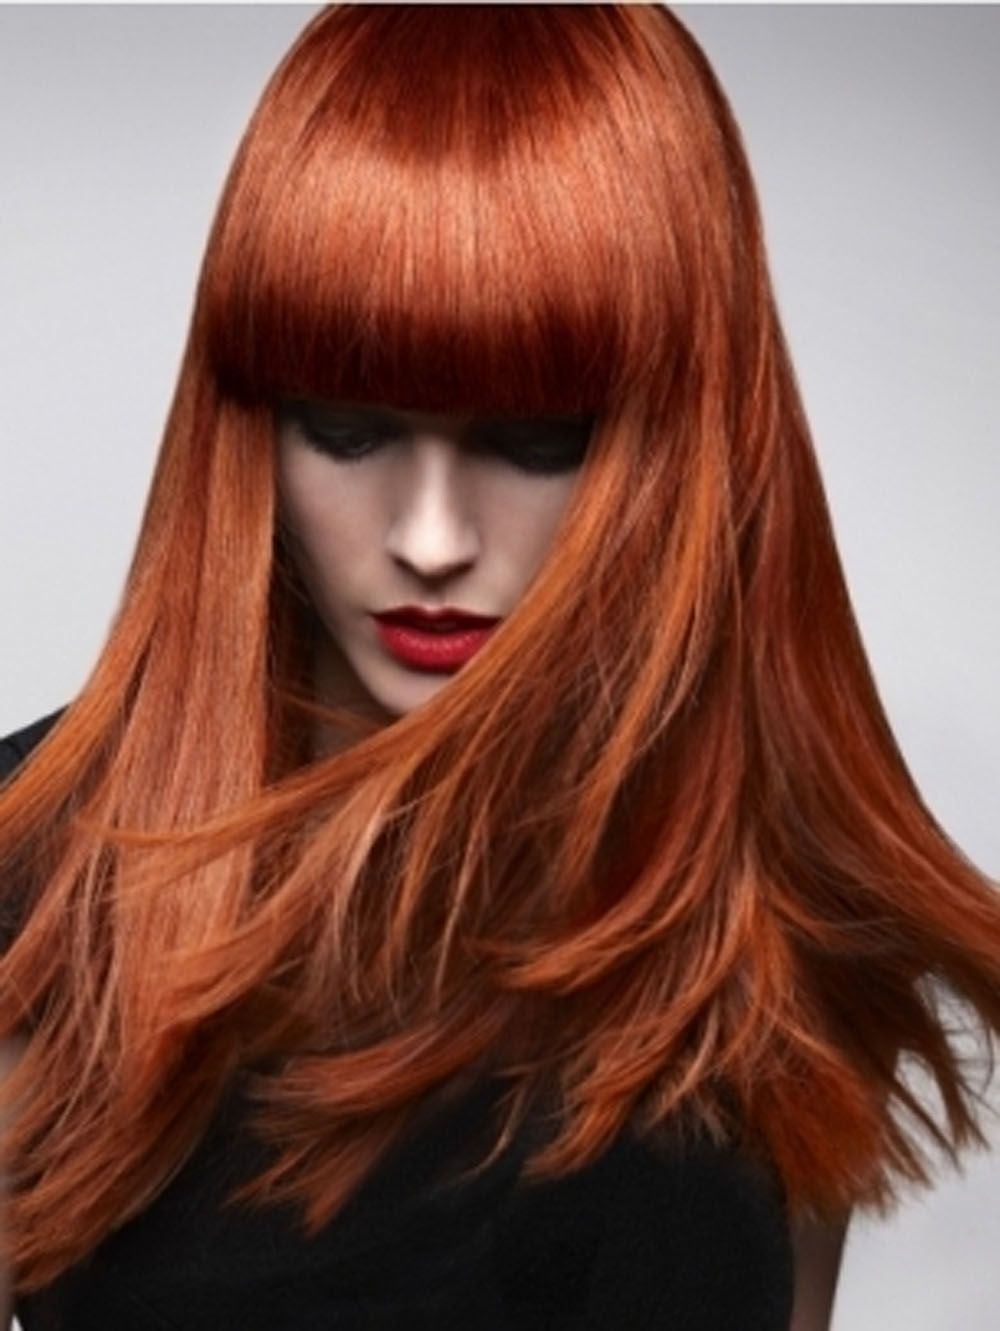 Coloration roux sur cheveux blancs